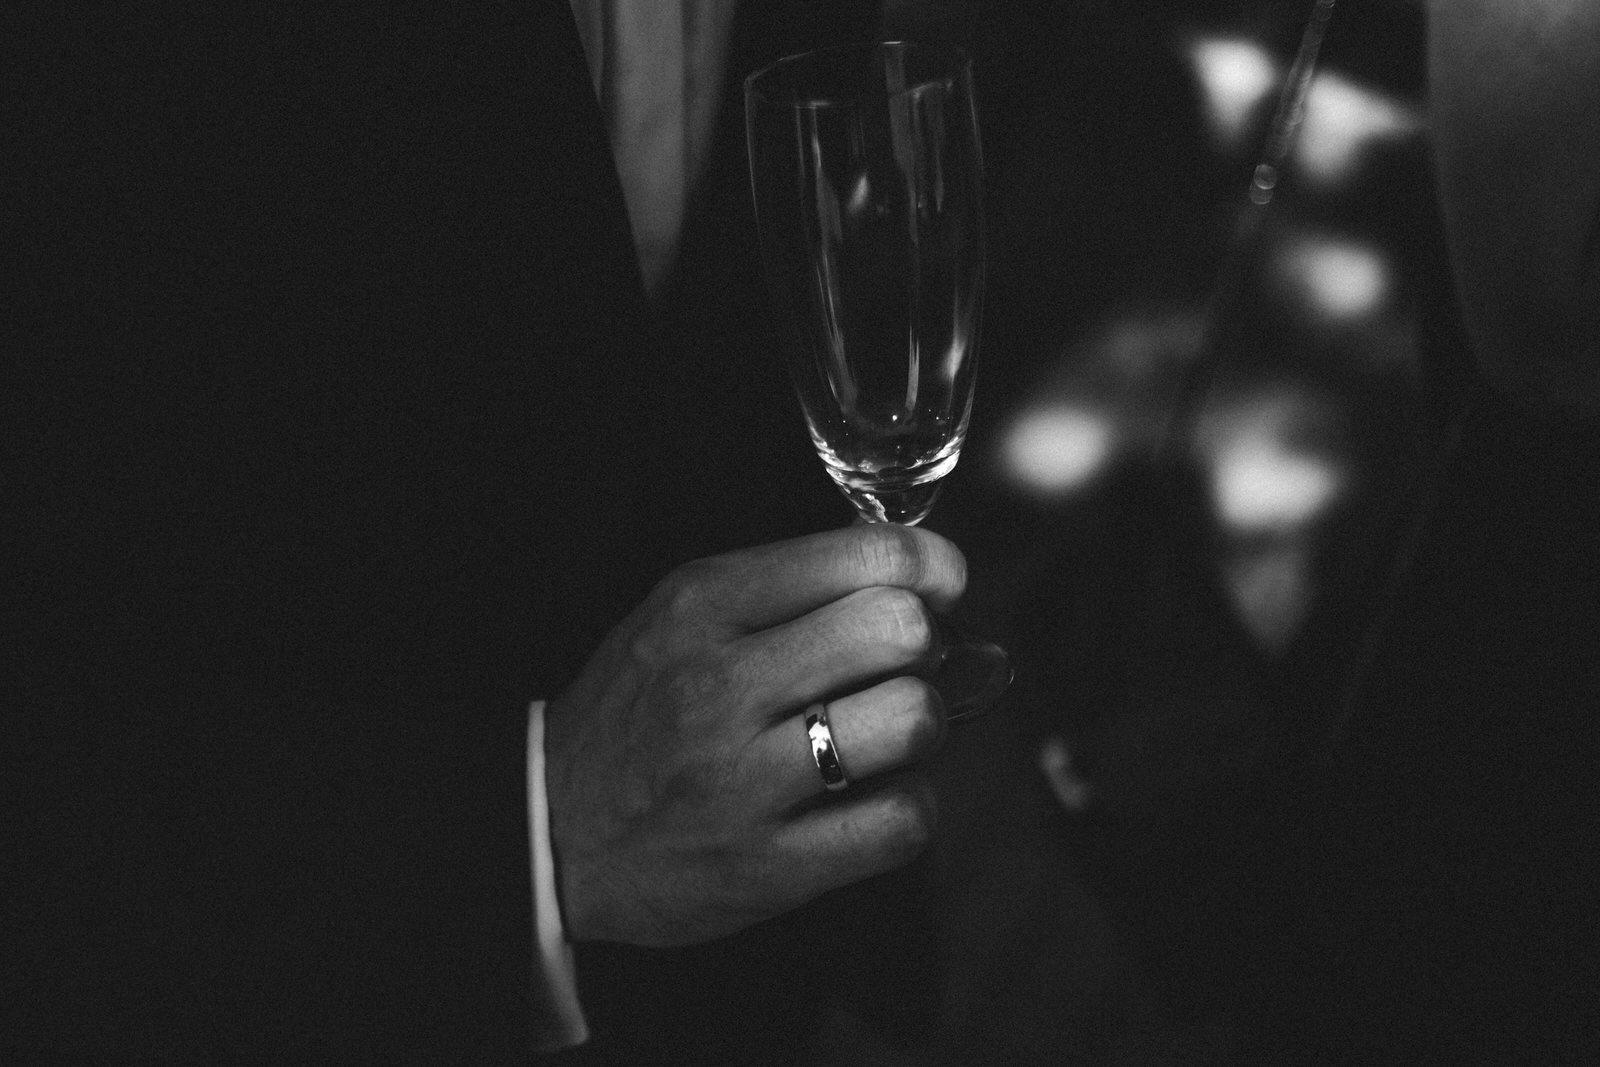 Hochzeitsring-heidelberg.jpg